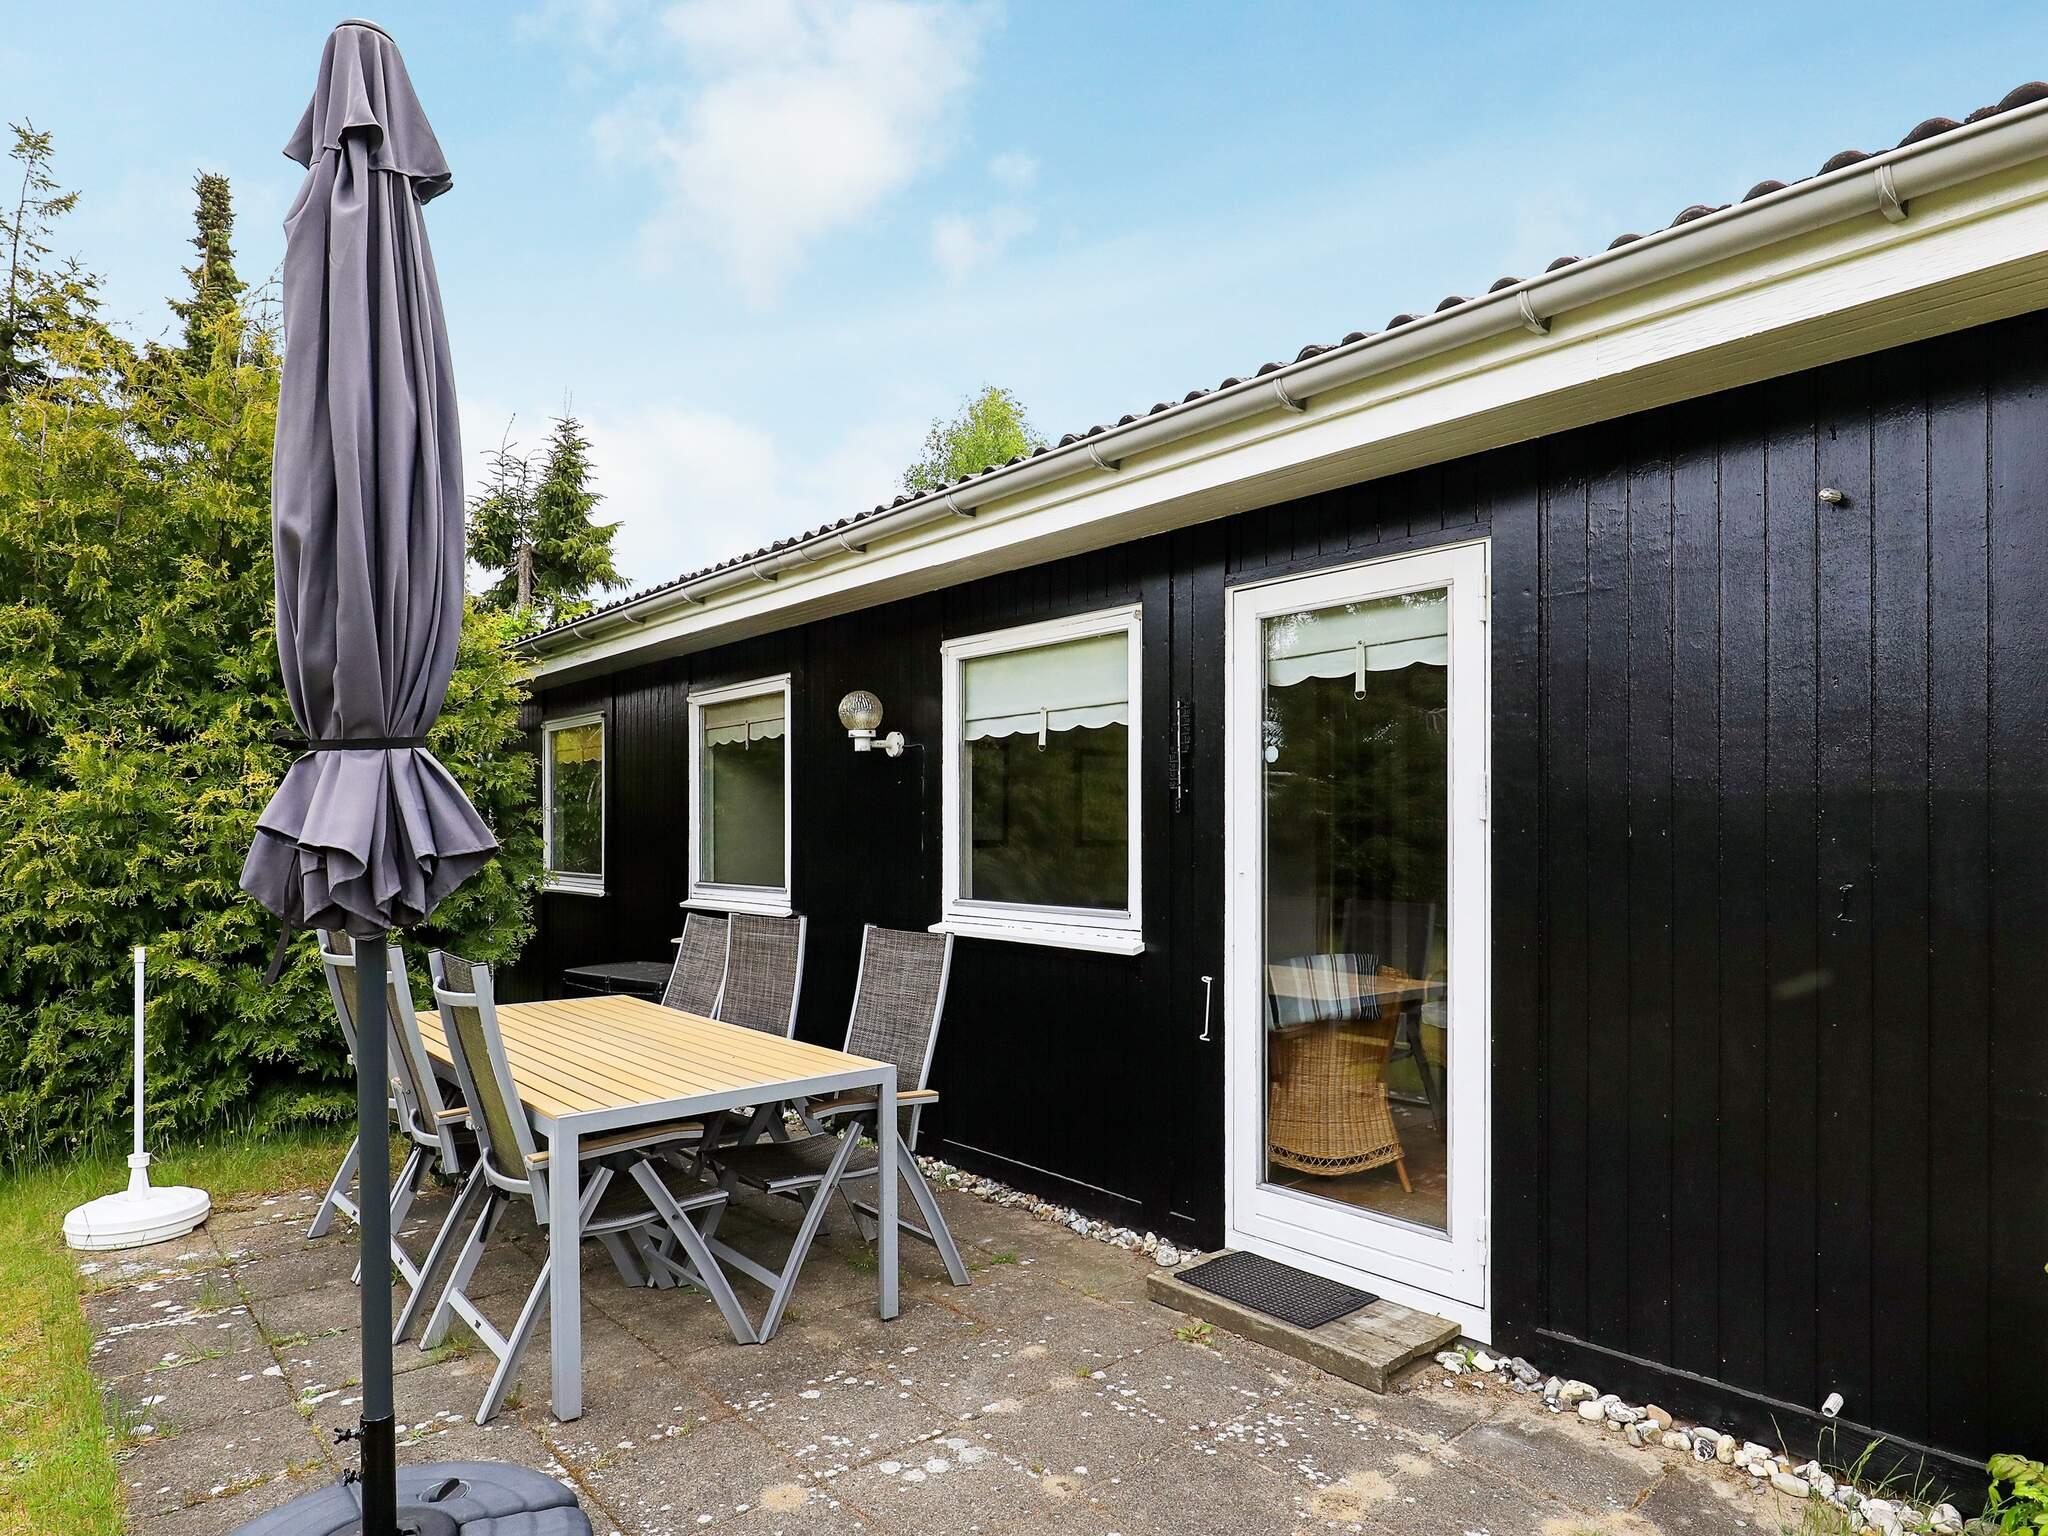 Ferienhaus Marielyst (87191), Marielyst, , Falster, Dänemark, Bild 12